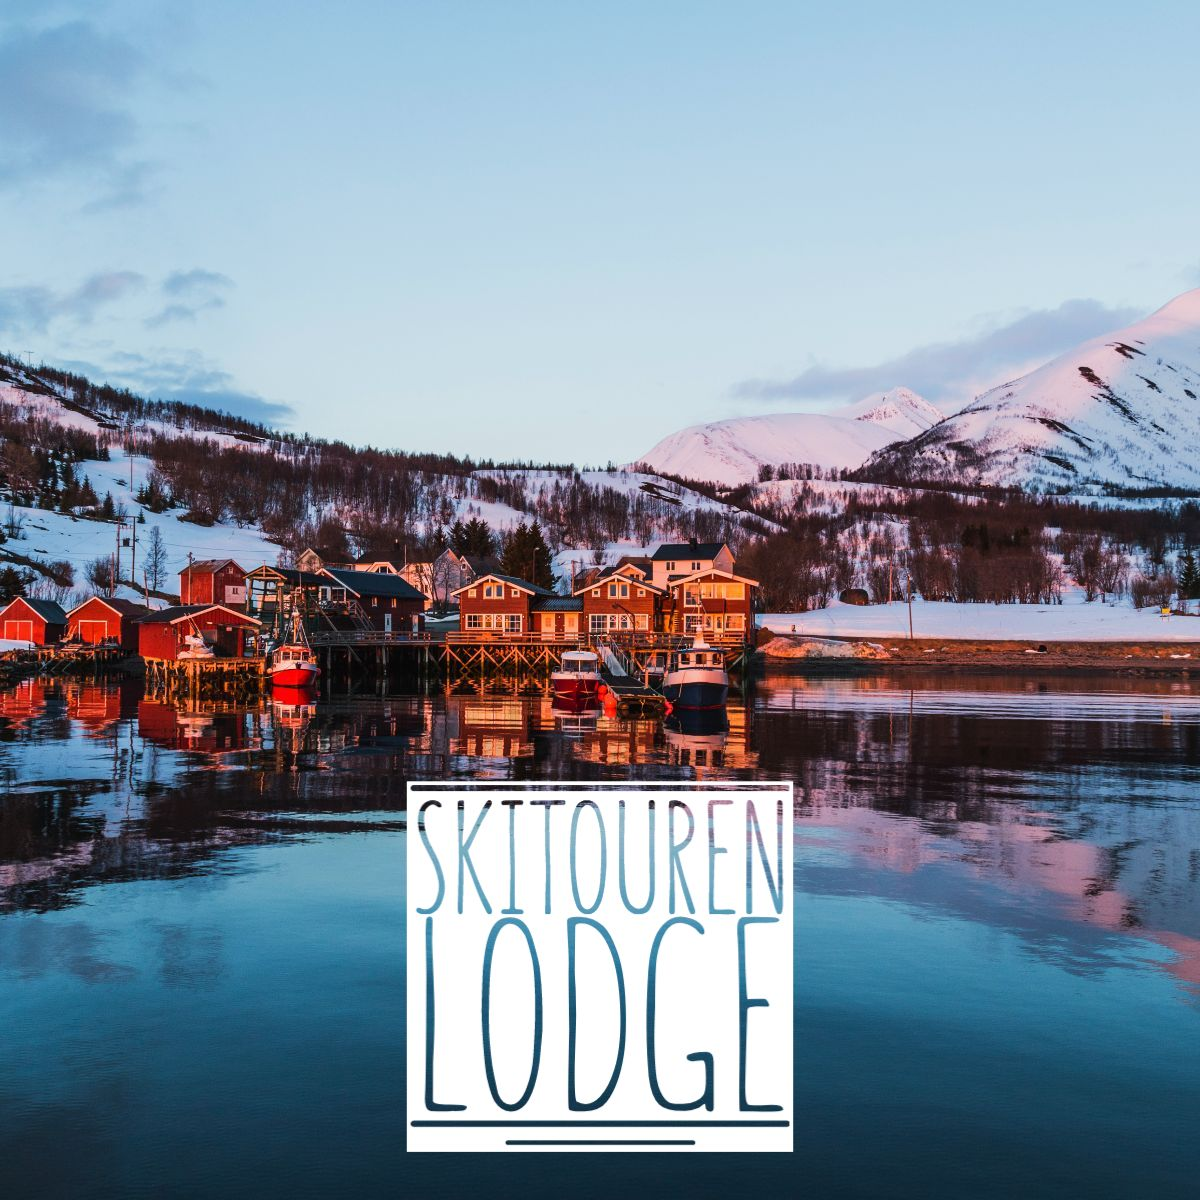 gefuehrte-skitouren-von-einer-lodge-in-norwegen-in-lyngen.jpg